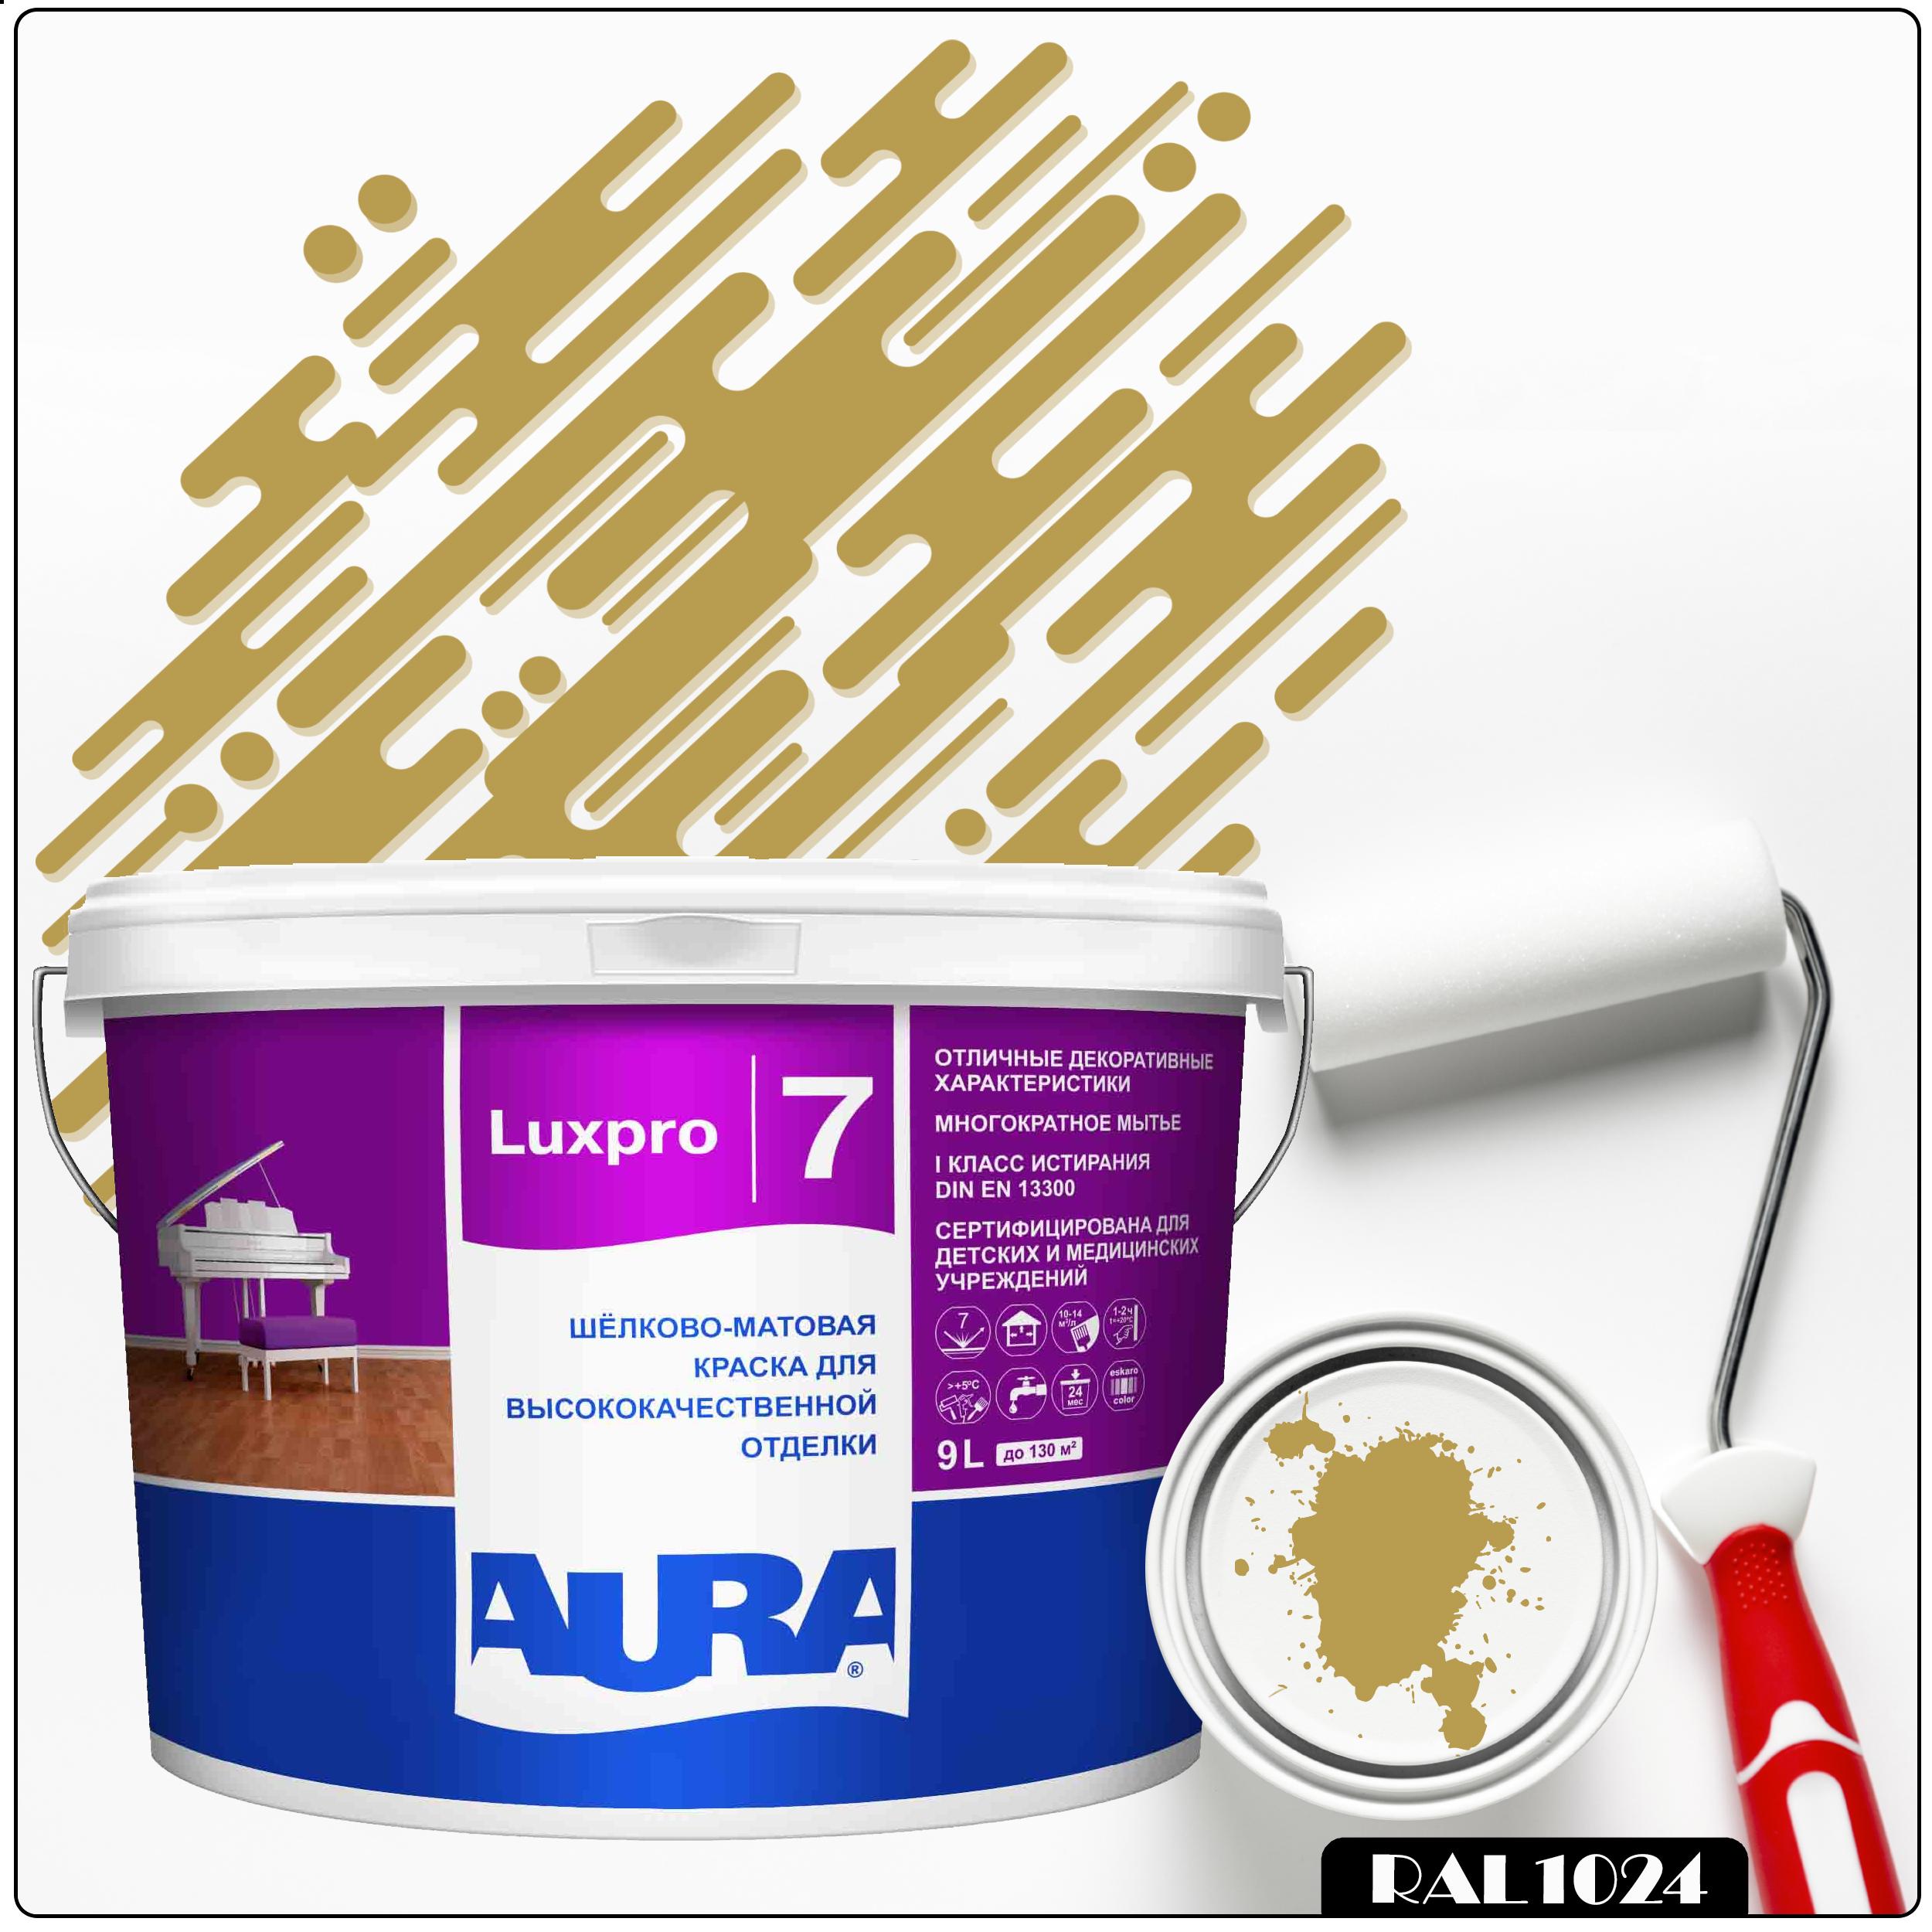 Фото 21 - Краска Aura LuxPRO 7, RAL 1024 Жёлтая охра, латексная, шелково-матовая, интерьерная, 9л, Аура.